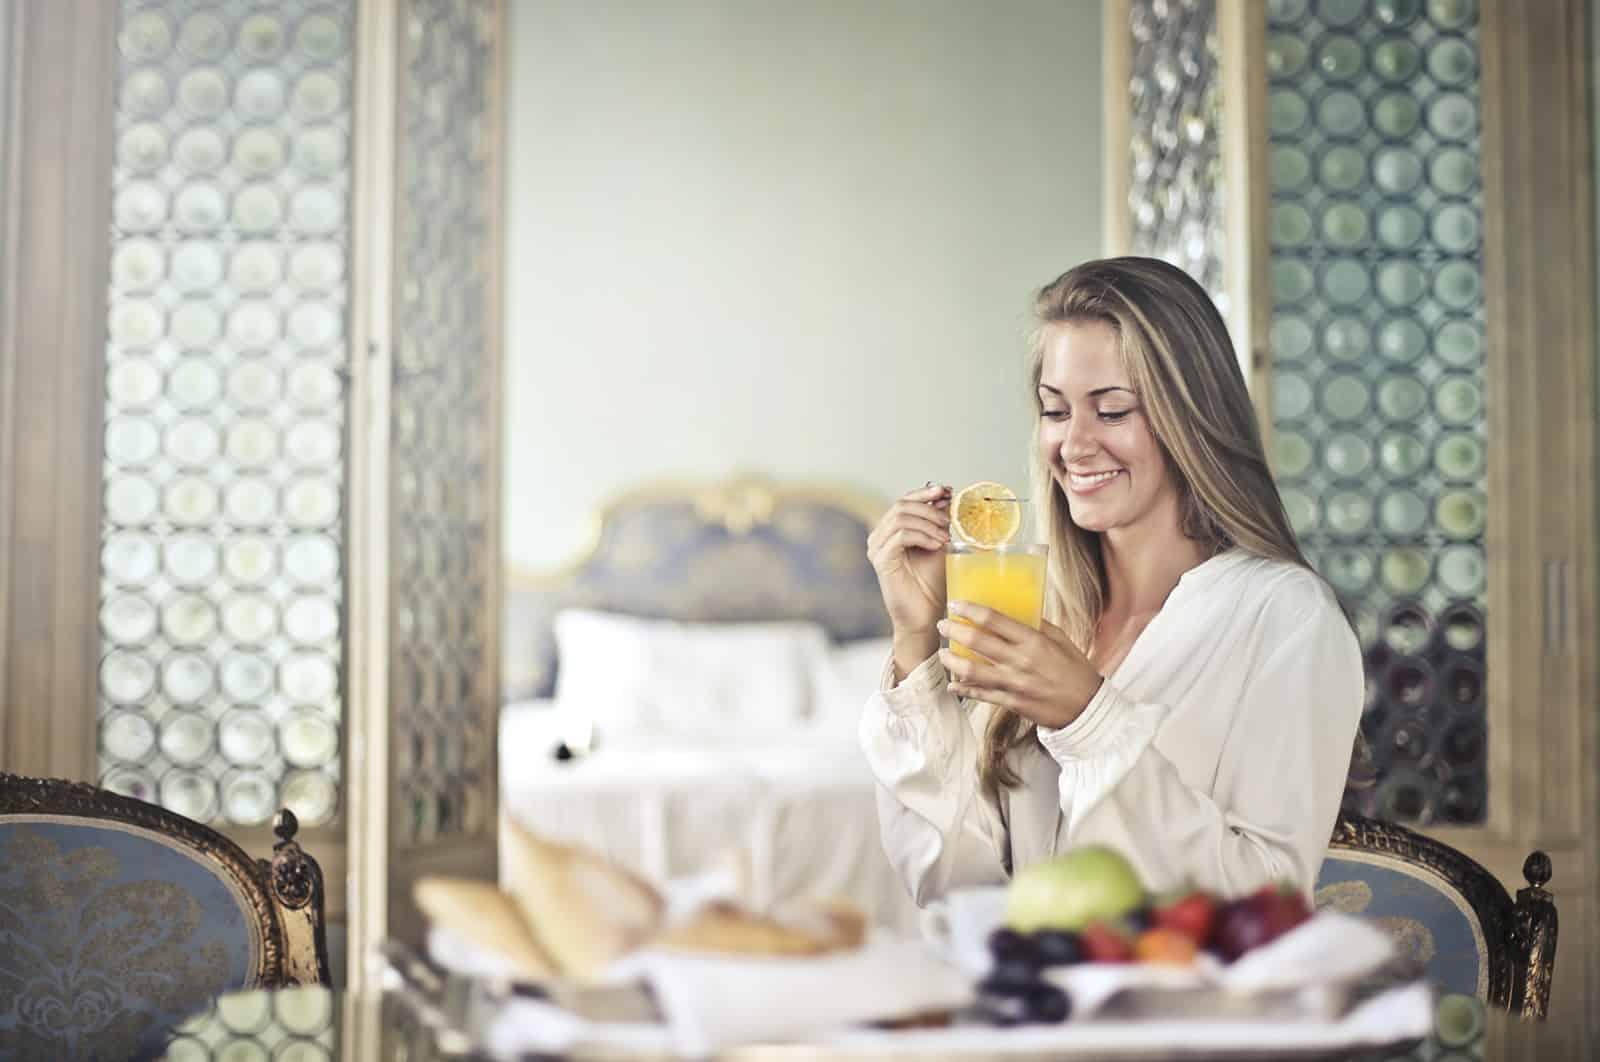 eine fröhliche Frau, die morgens ihr Frühstück genießt